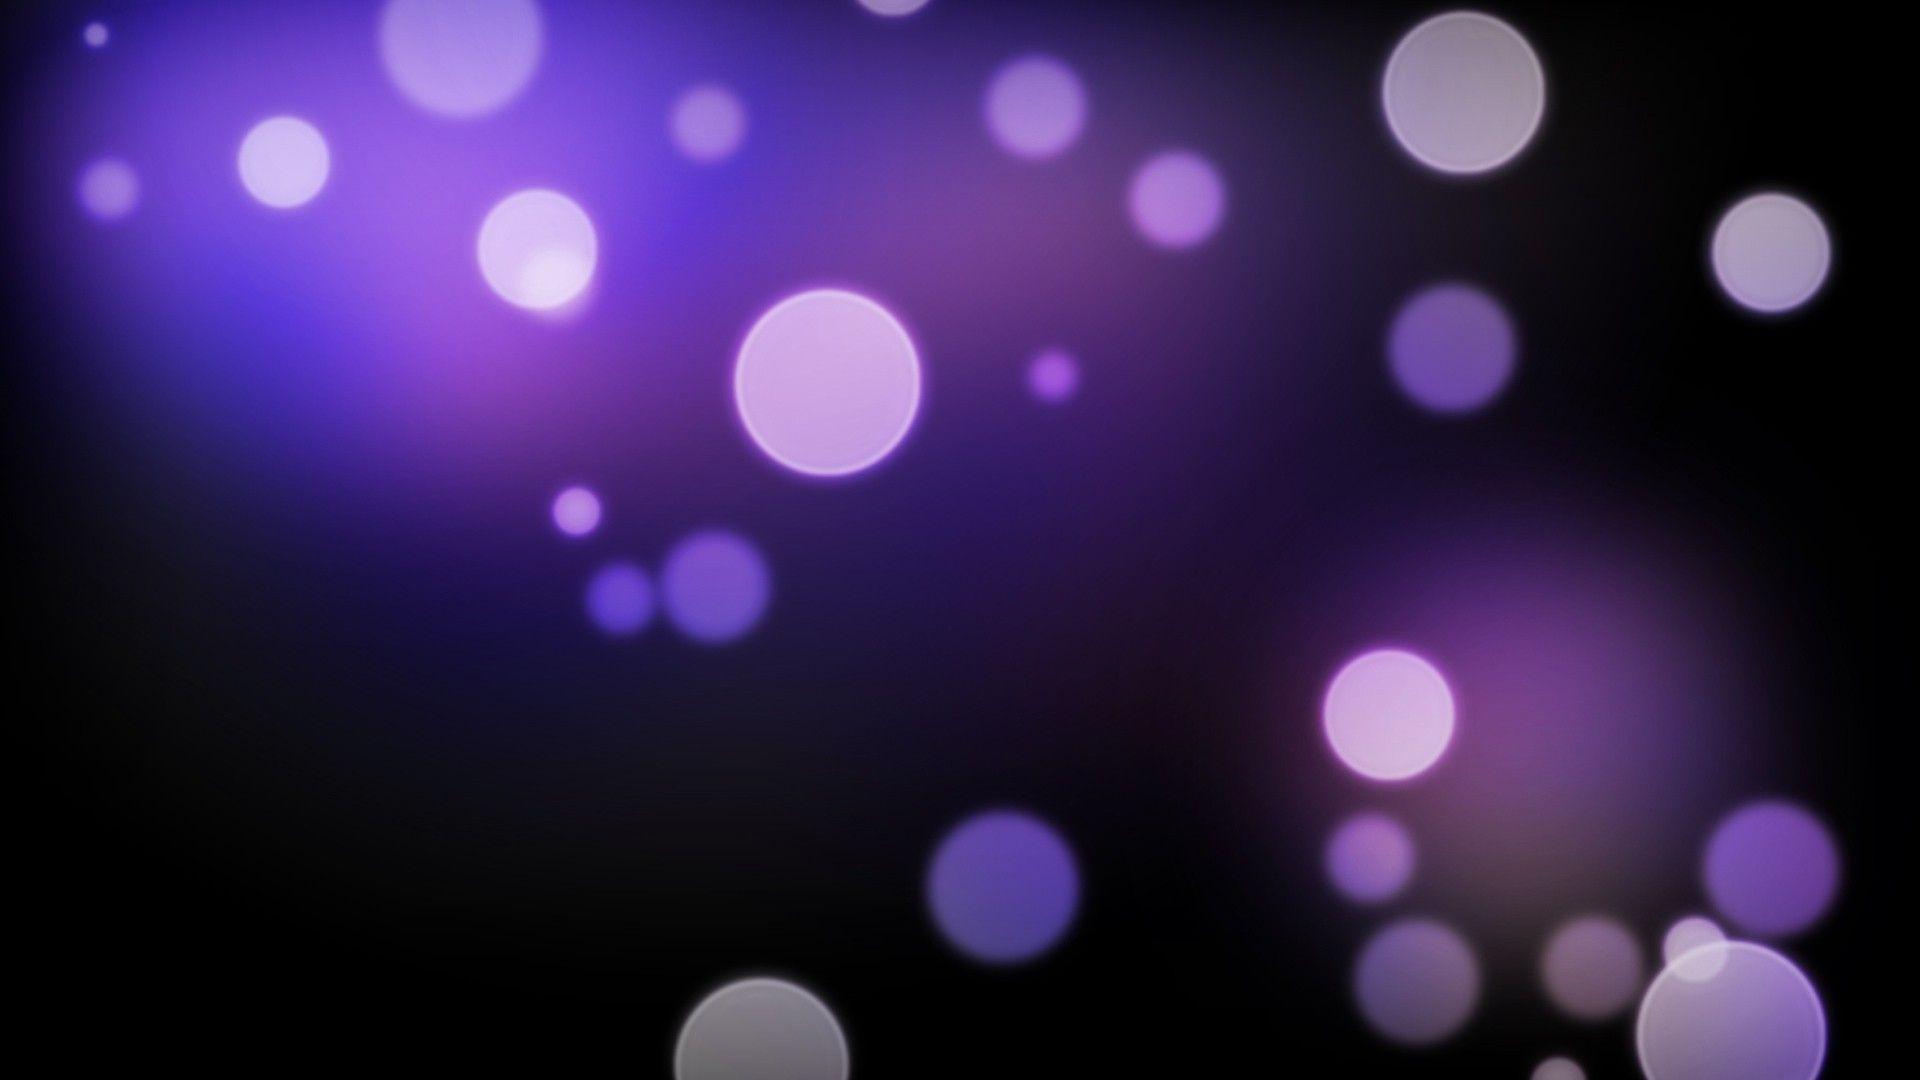 Purple Desktop Wallpaper Hd